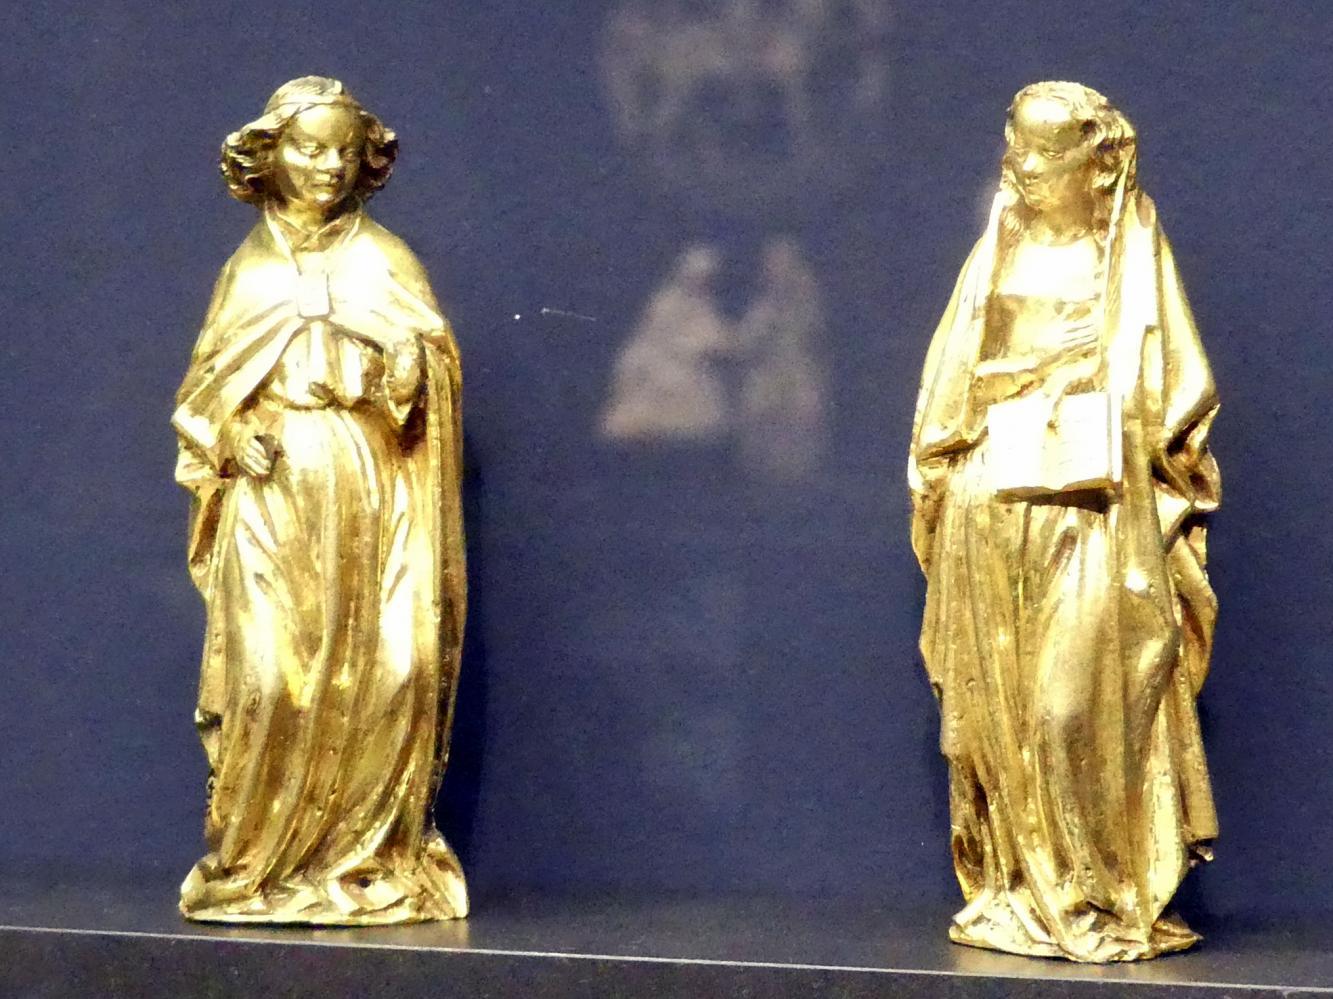 Engel und Maria einer Verkündigung, um 1440 - 1460